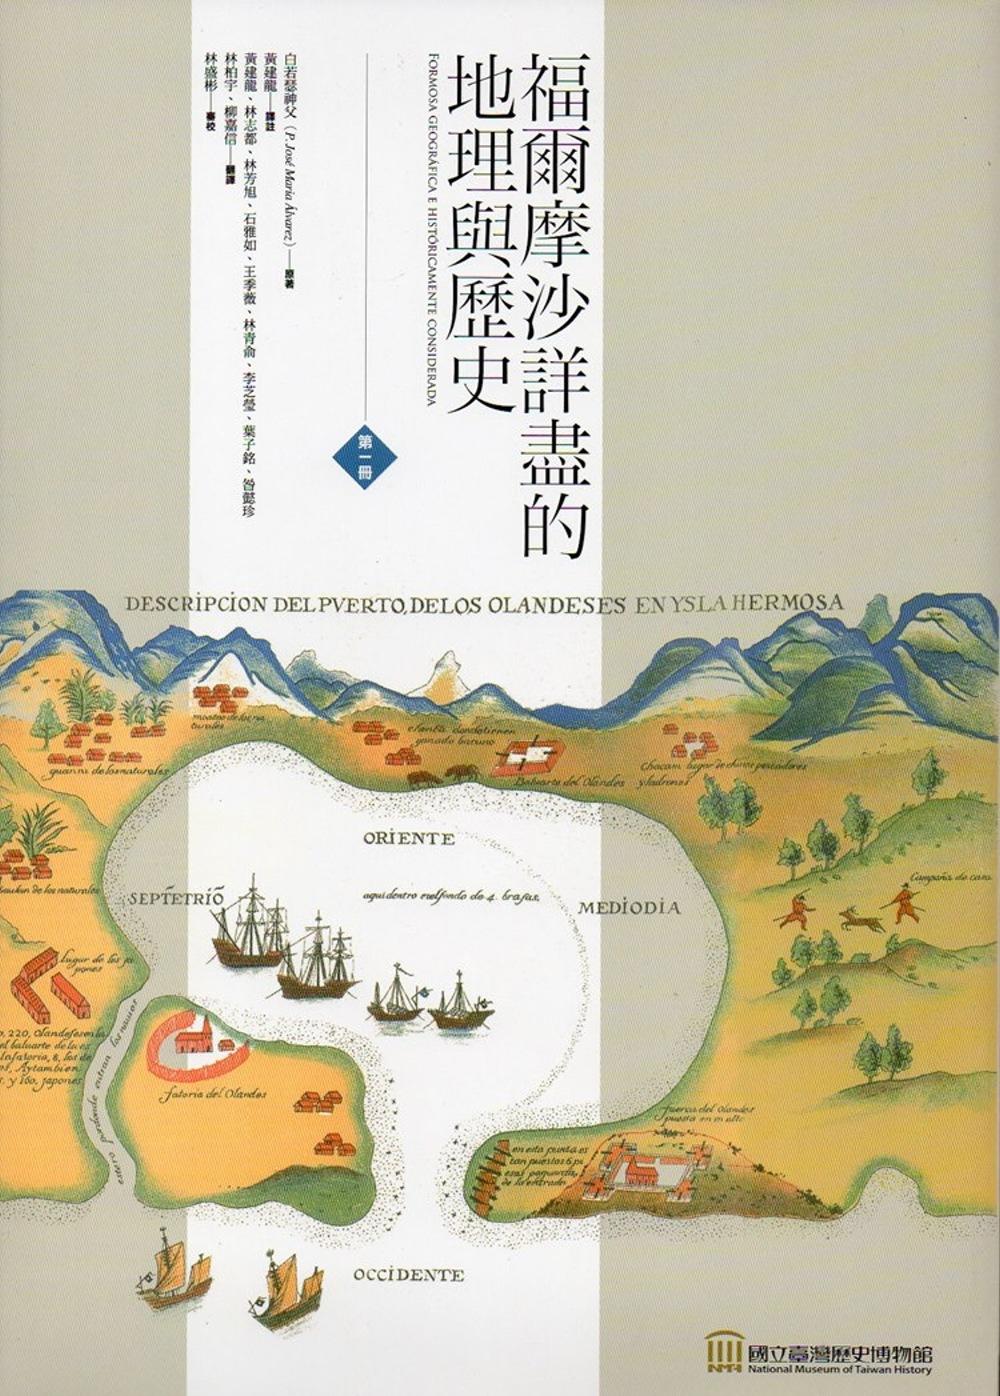 福爾摩沙詳盡的地理與歷史(共2冊)精